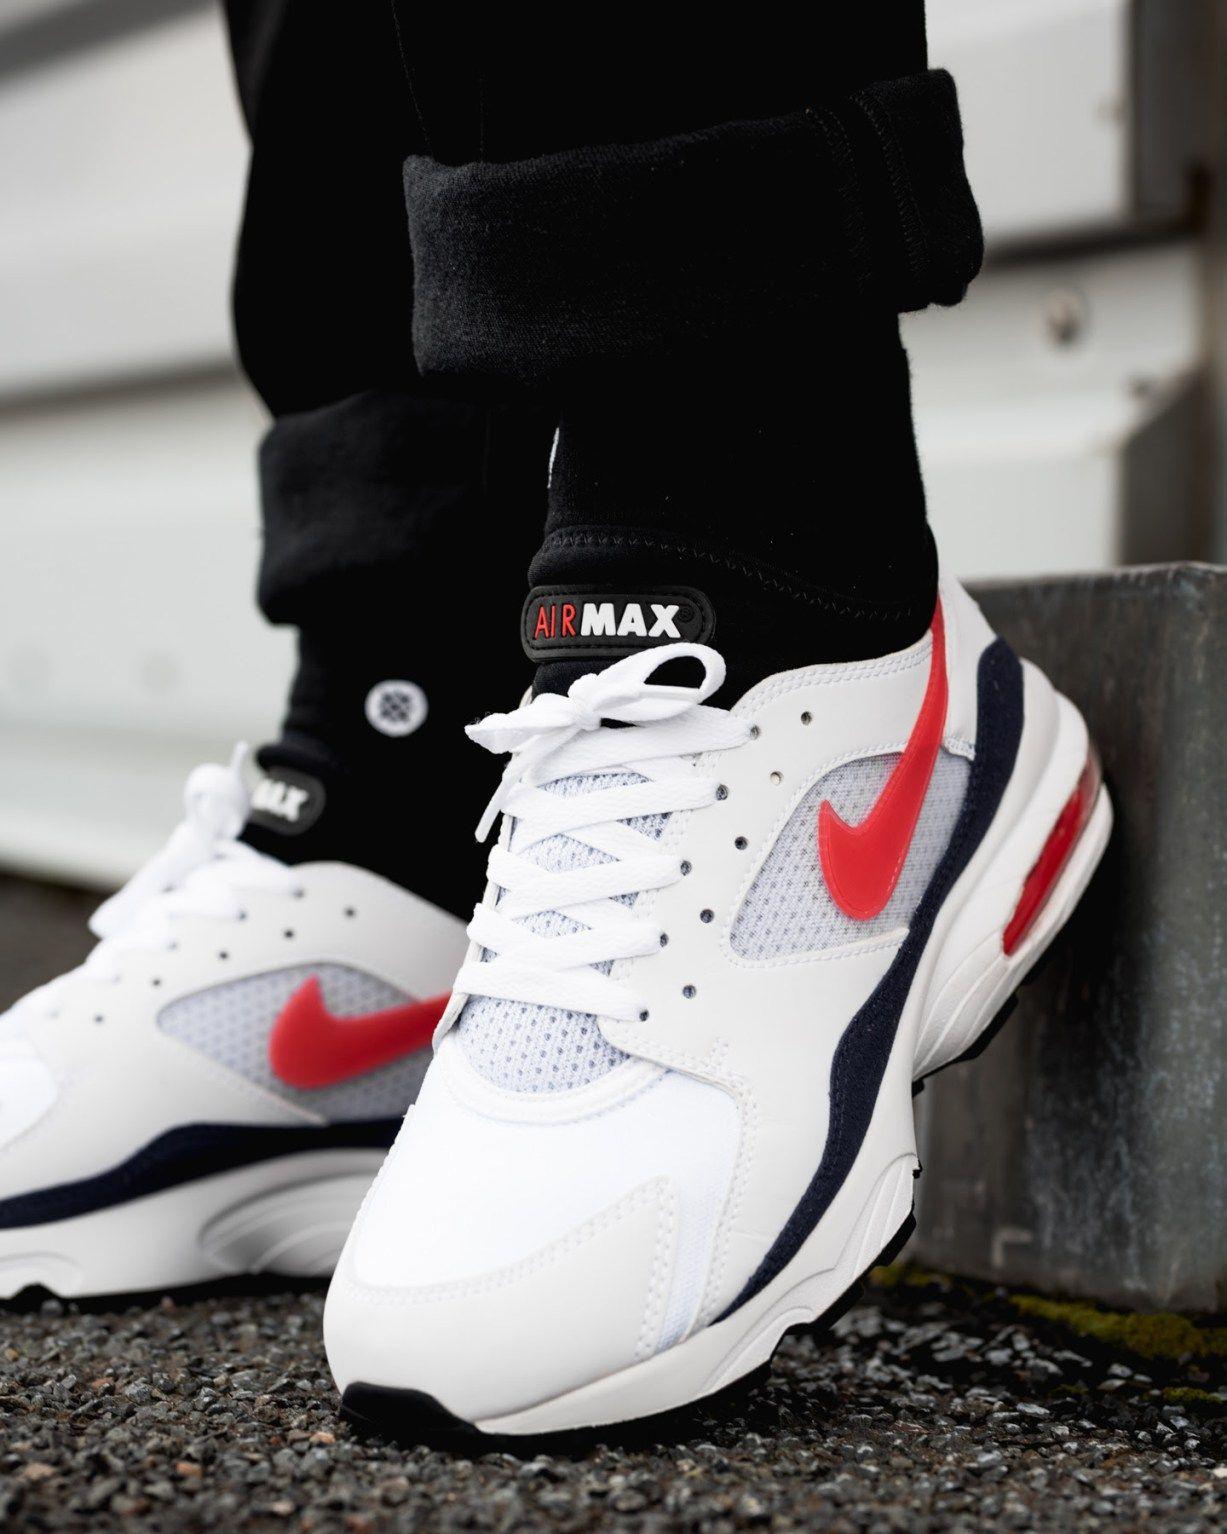 air max 93 habanero red